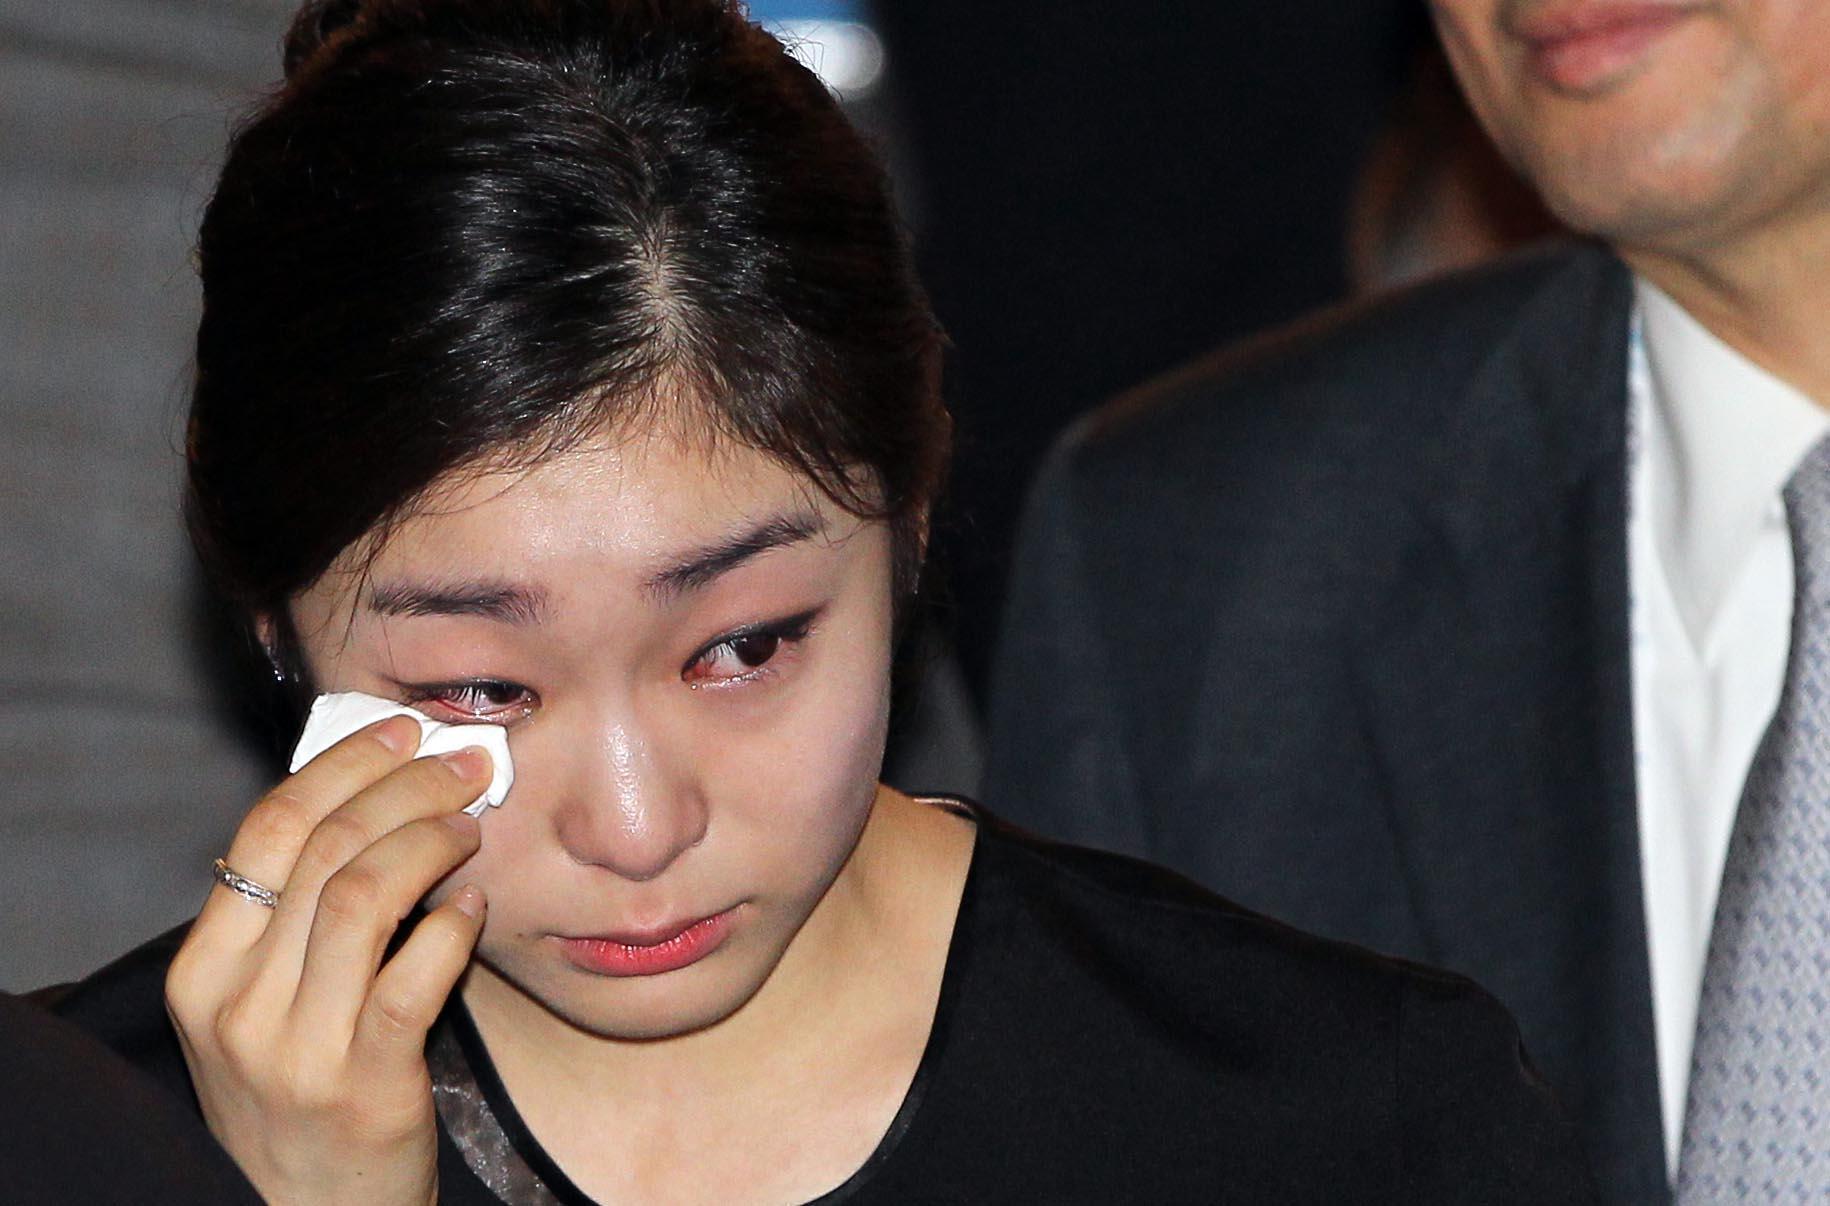 김연아 선수가 2011년 7월 6일 오후(현지시간) 남아공 더반 국제컨벤션센터에서 열린 국제올림픽위원회(IOC) 총회에서 2018년 동계올림픽 평창 유치가 확정된 뒤 눈물을 흘리고 있다.[연합뉴스]